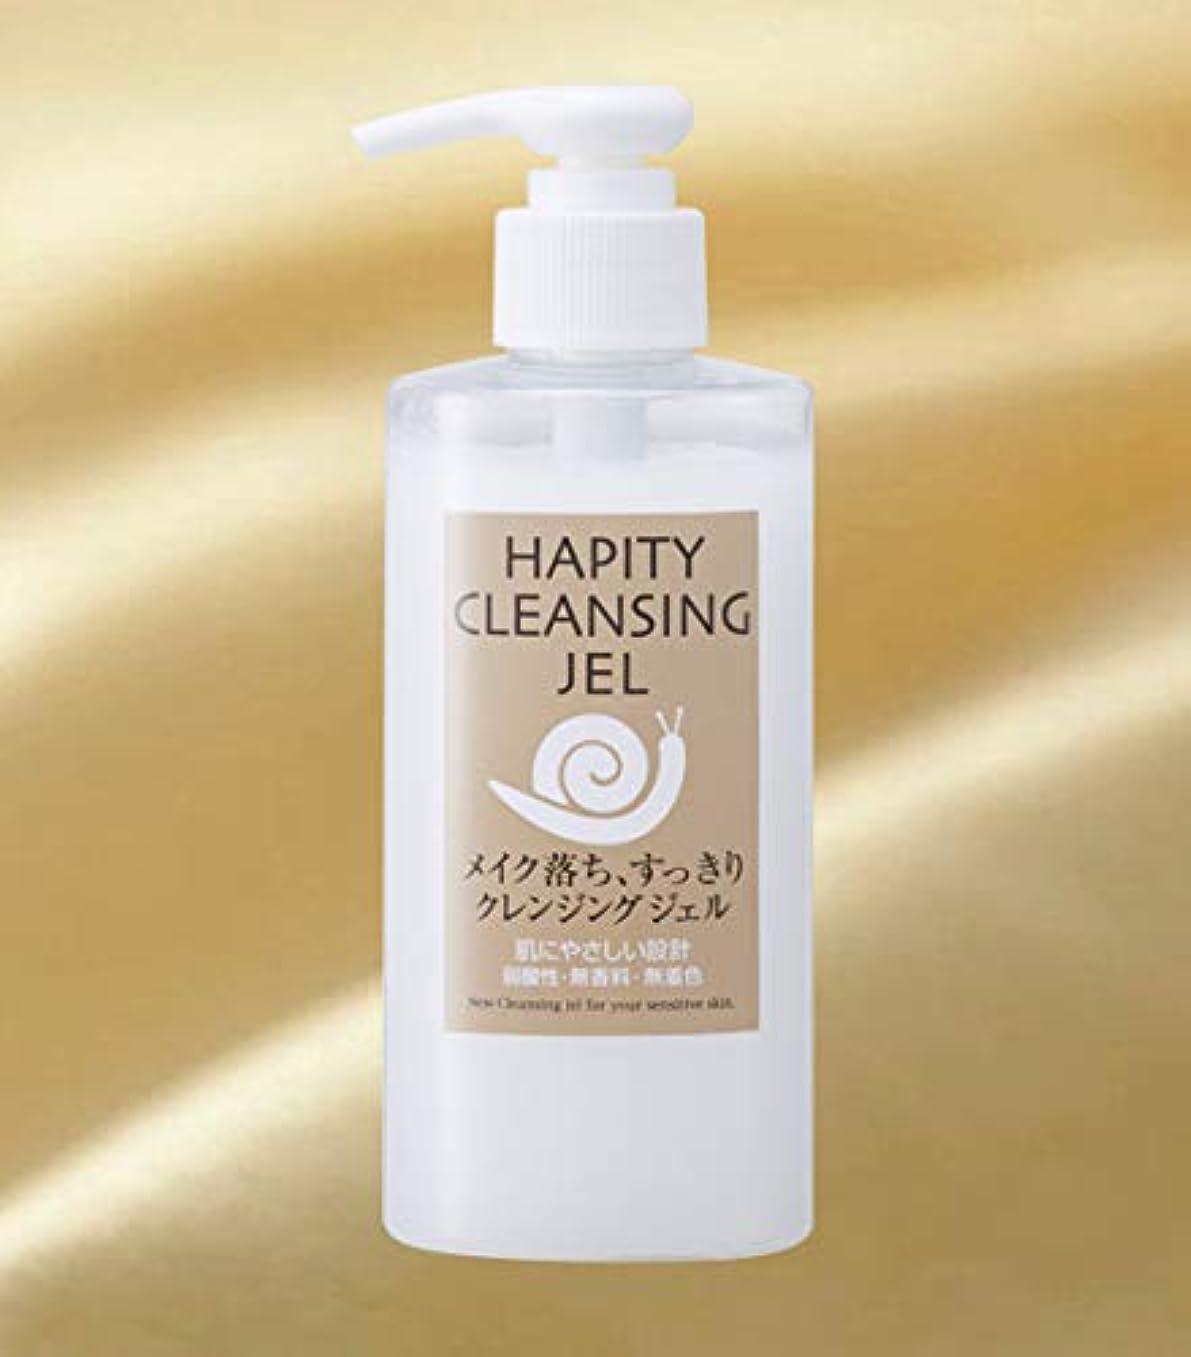 強制の慈悲で書き込みハピティ クレンジングジェル (200g) Hapity Cleansing Jel